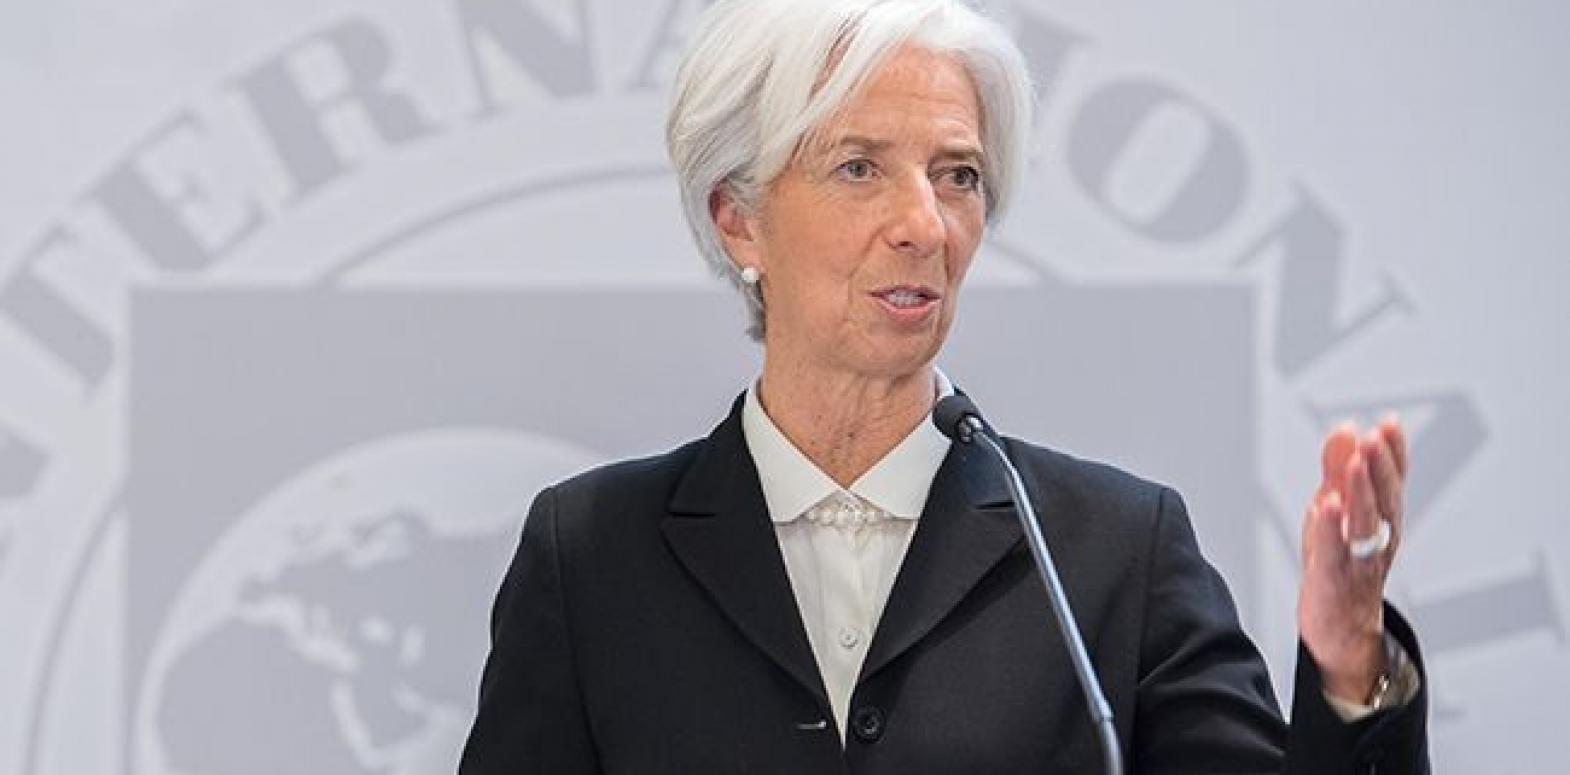 Лагард подаст заявление об отставке с поста главы МВФ, - Reuters